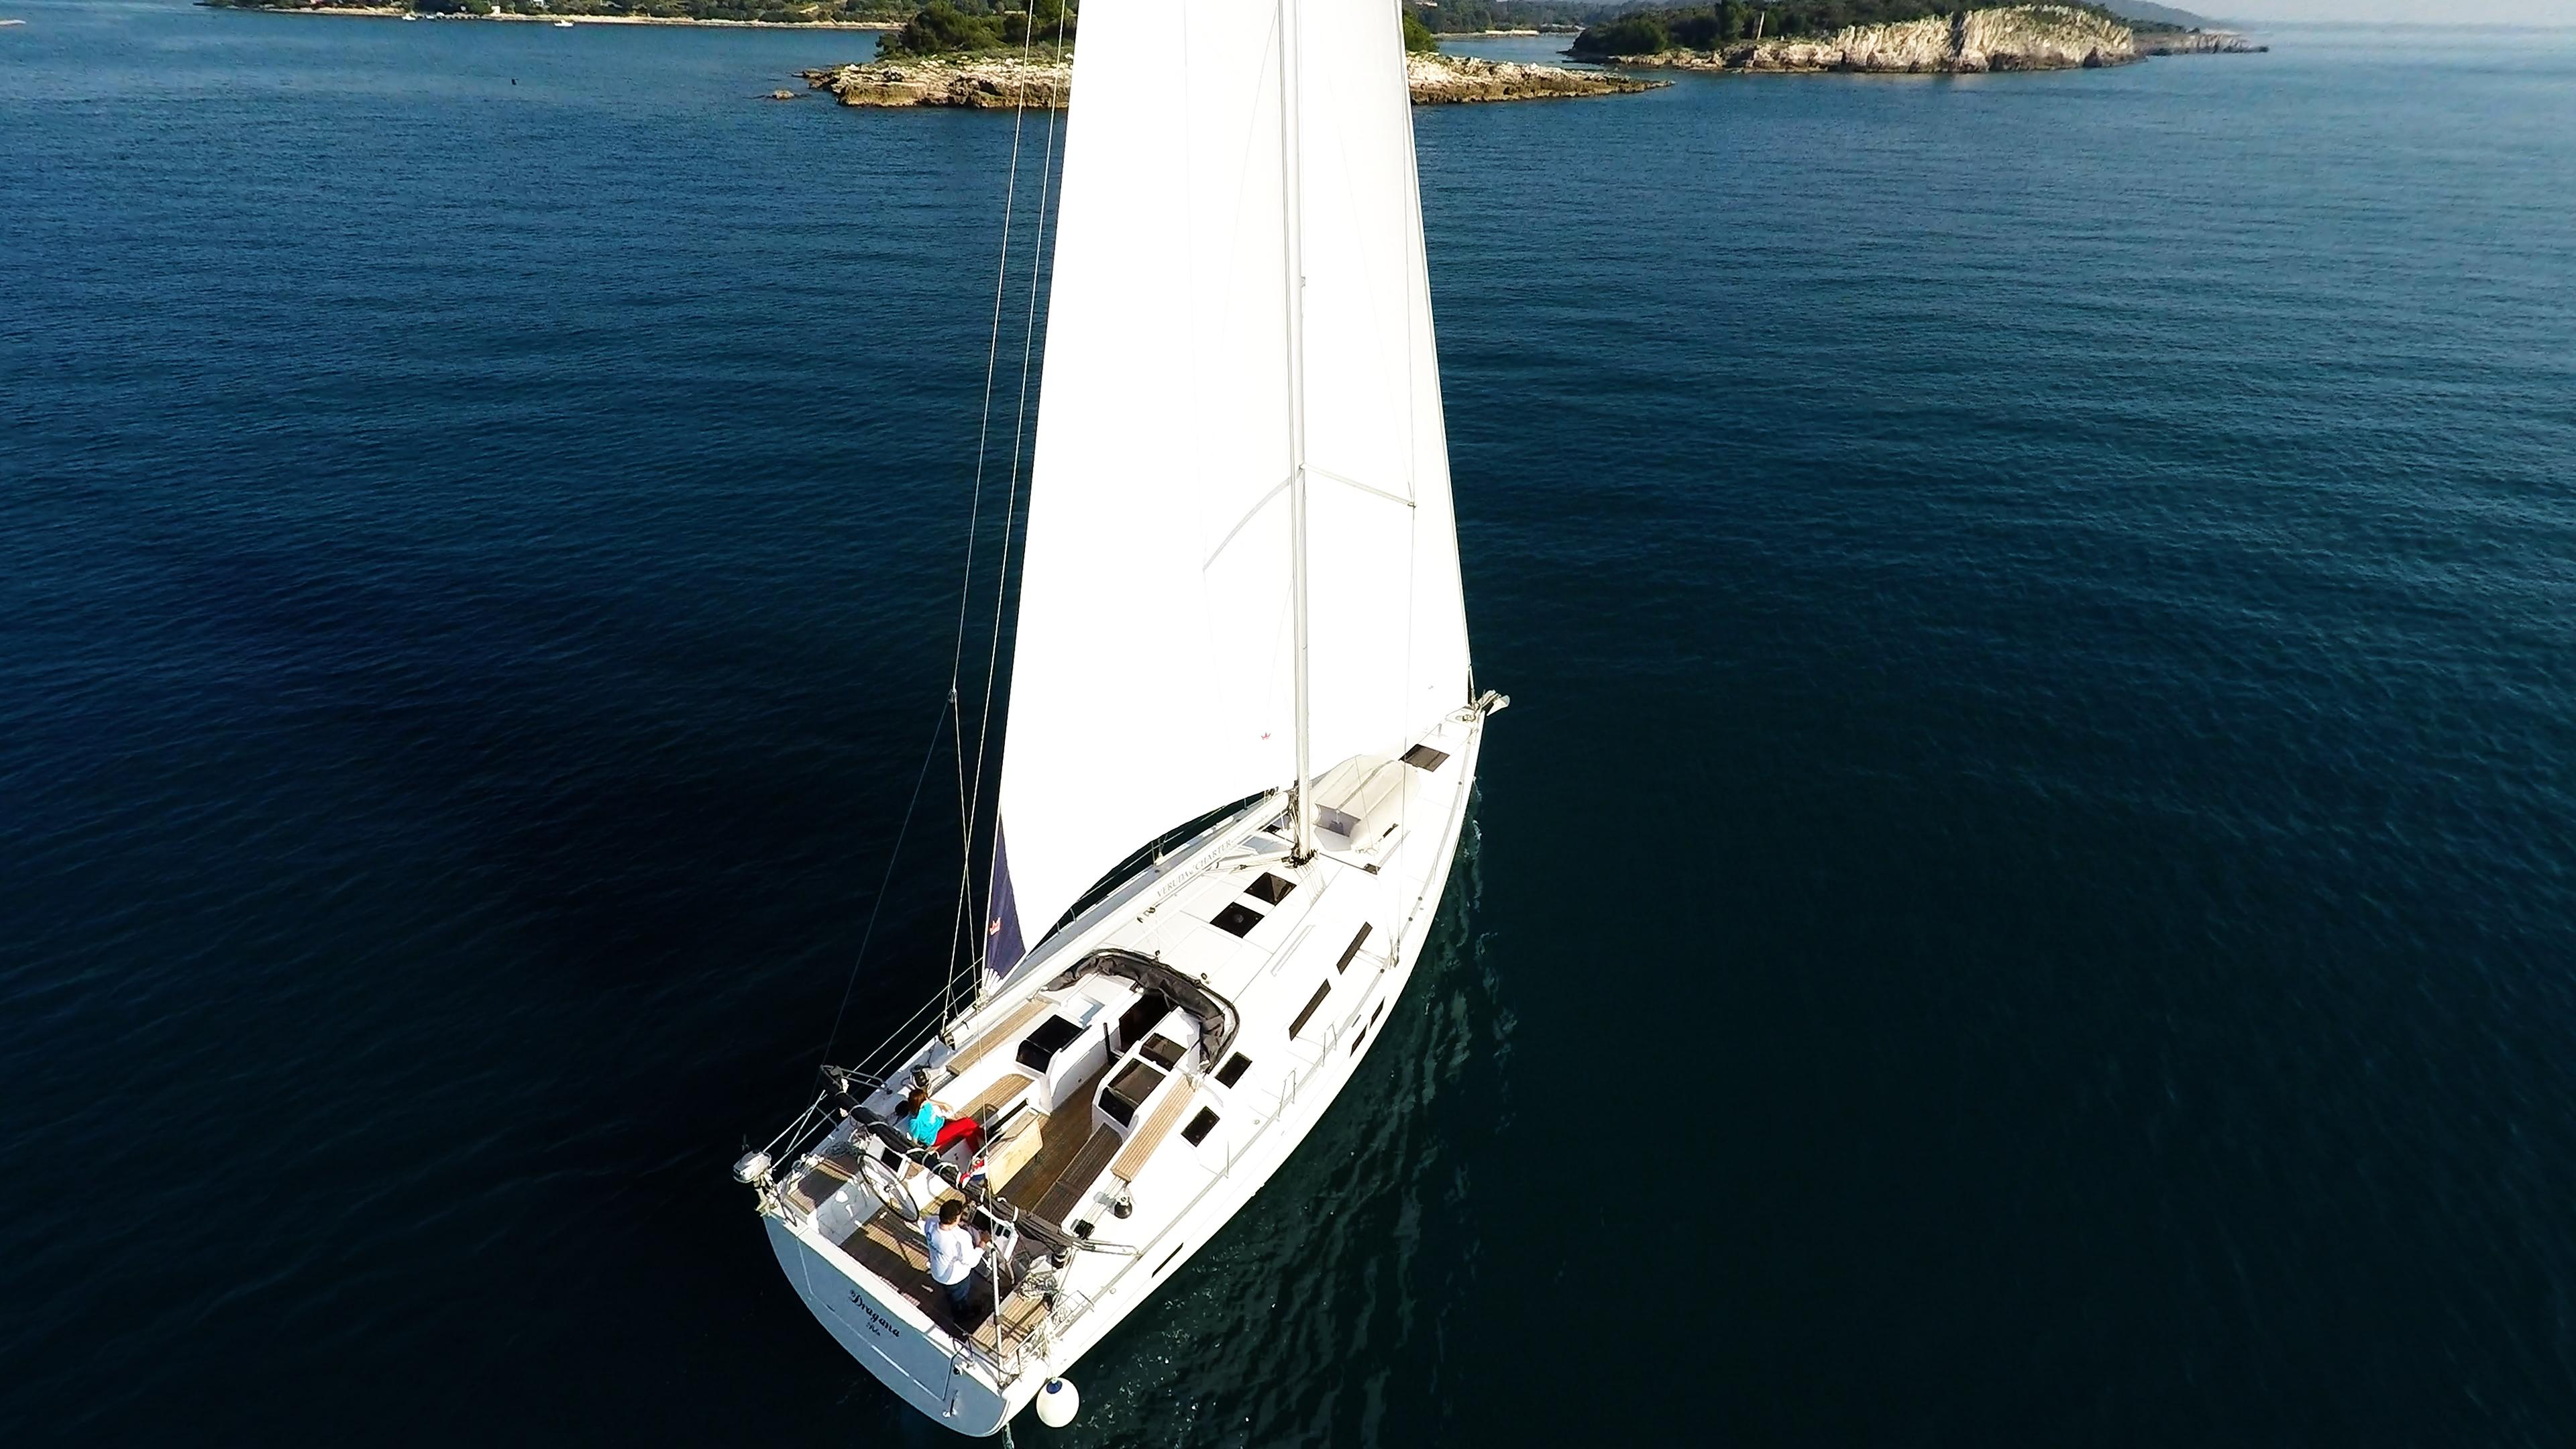 barcha a vela Hanse 505 yacht a vela da sopra pozzetto timoni ruota